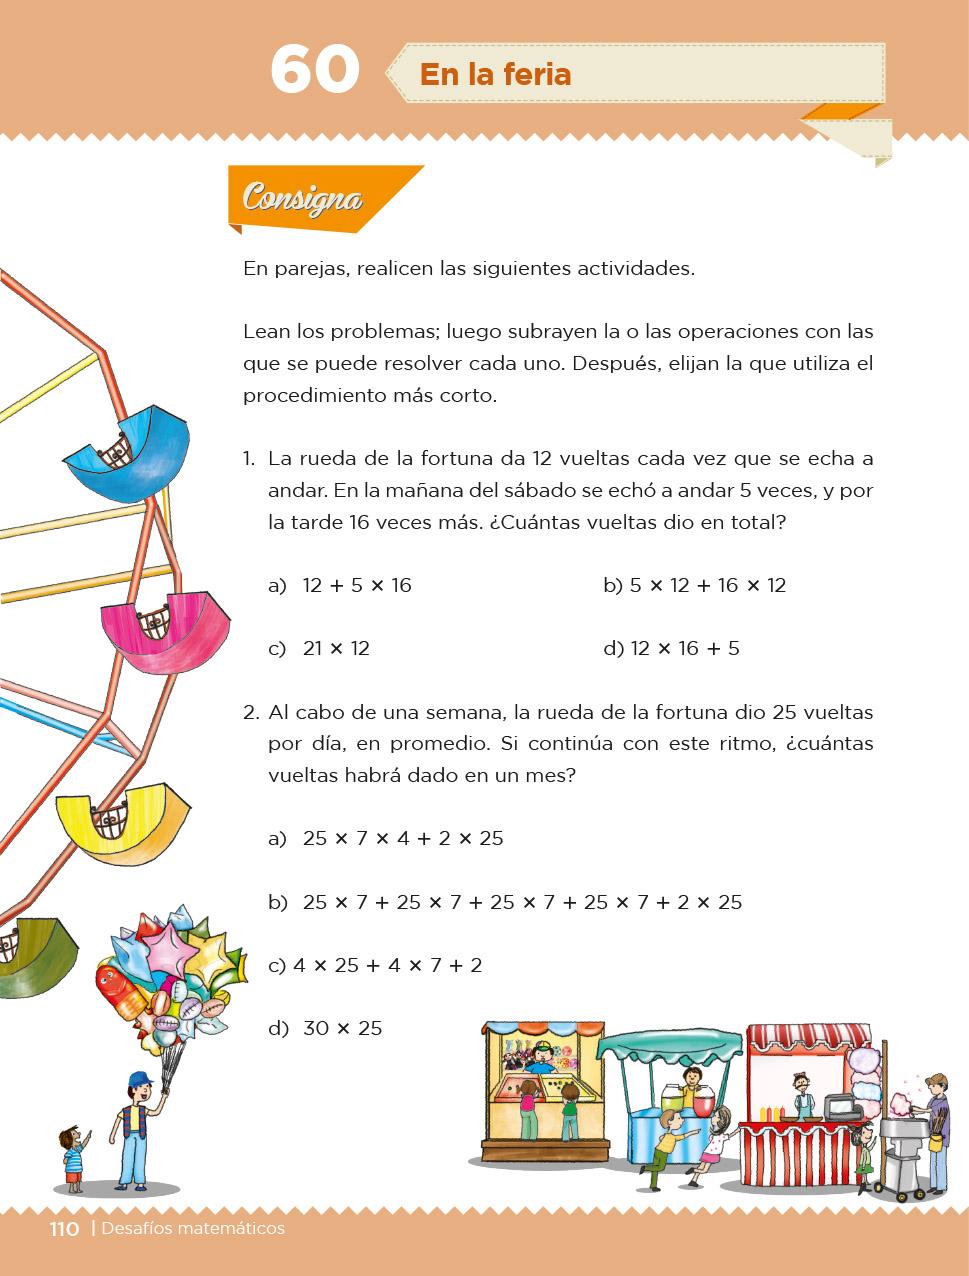 Desafíos Matemáticos Cuarto grado 2020-2021 - Página 110 de 257 - Libros de Texto Online